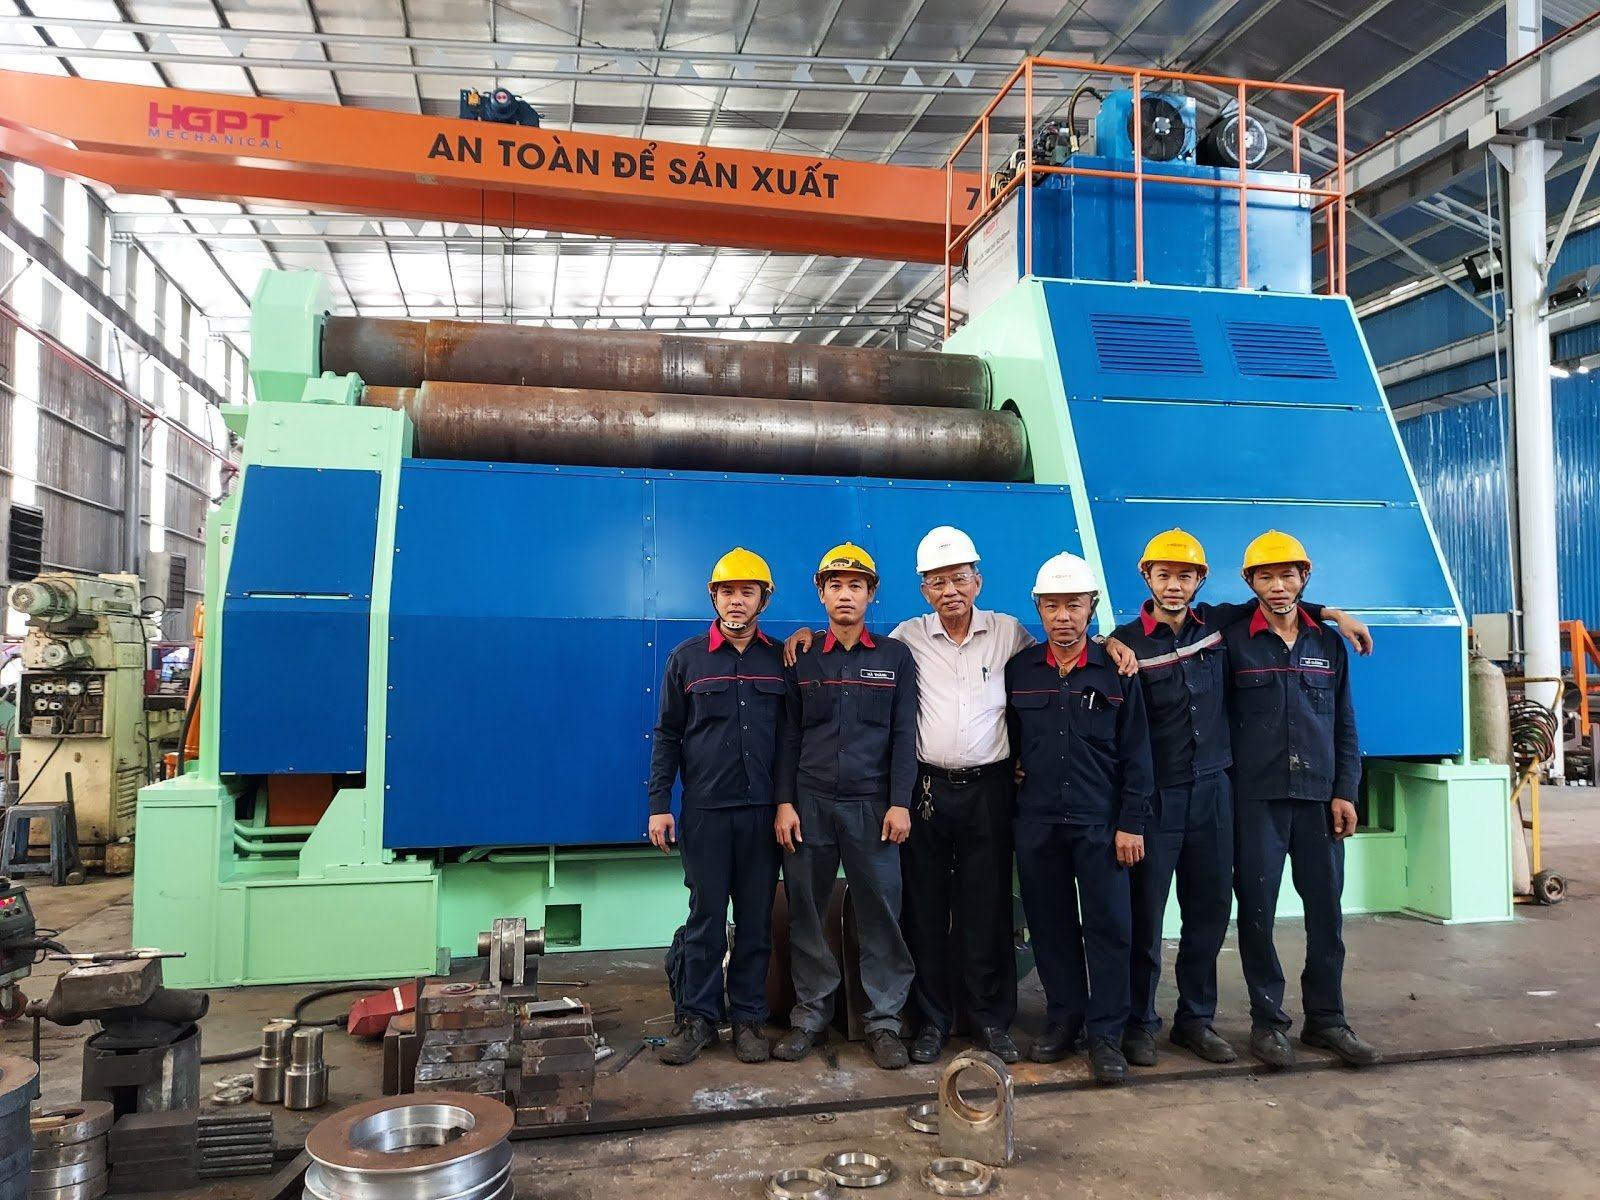 Ý tưởng hình thành máy uốn thép tấm dày 80mm cho nhu cầu sản xuất mới